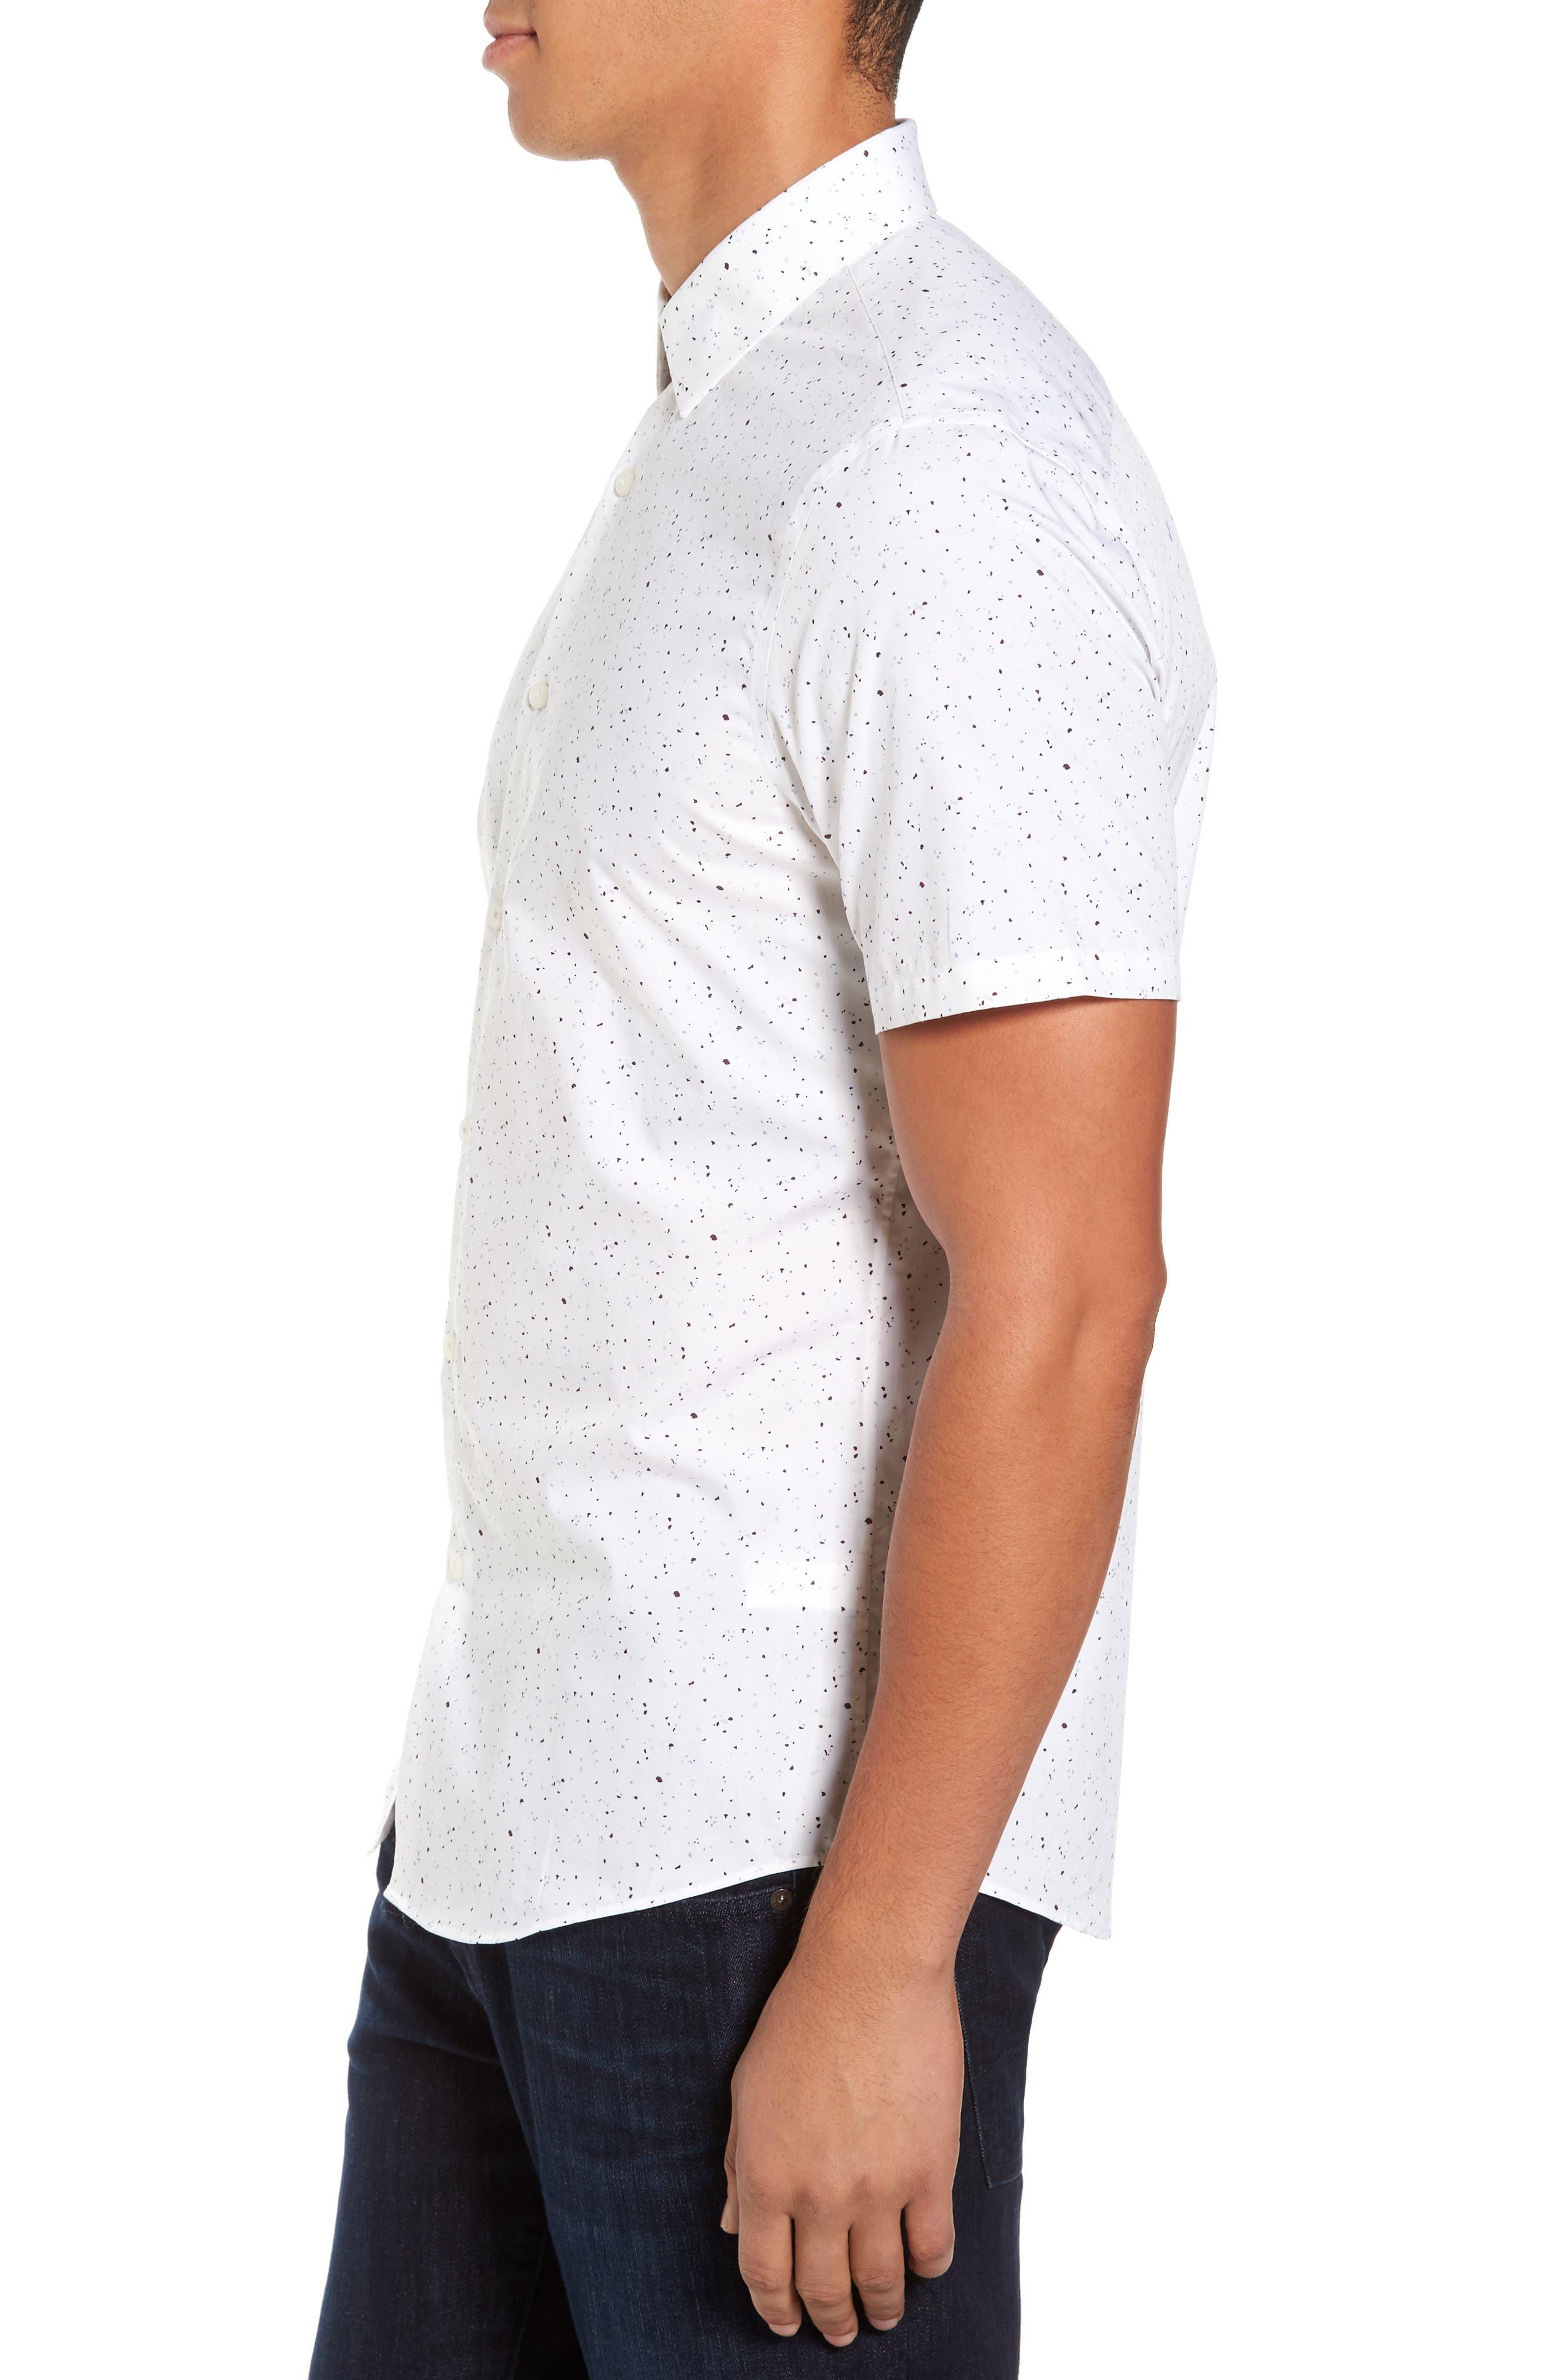 Speckle Print Sport Shirt,                             Alternate thumbnail 3, color,                             White Plum Splatter Print